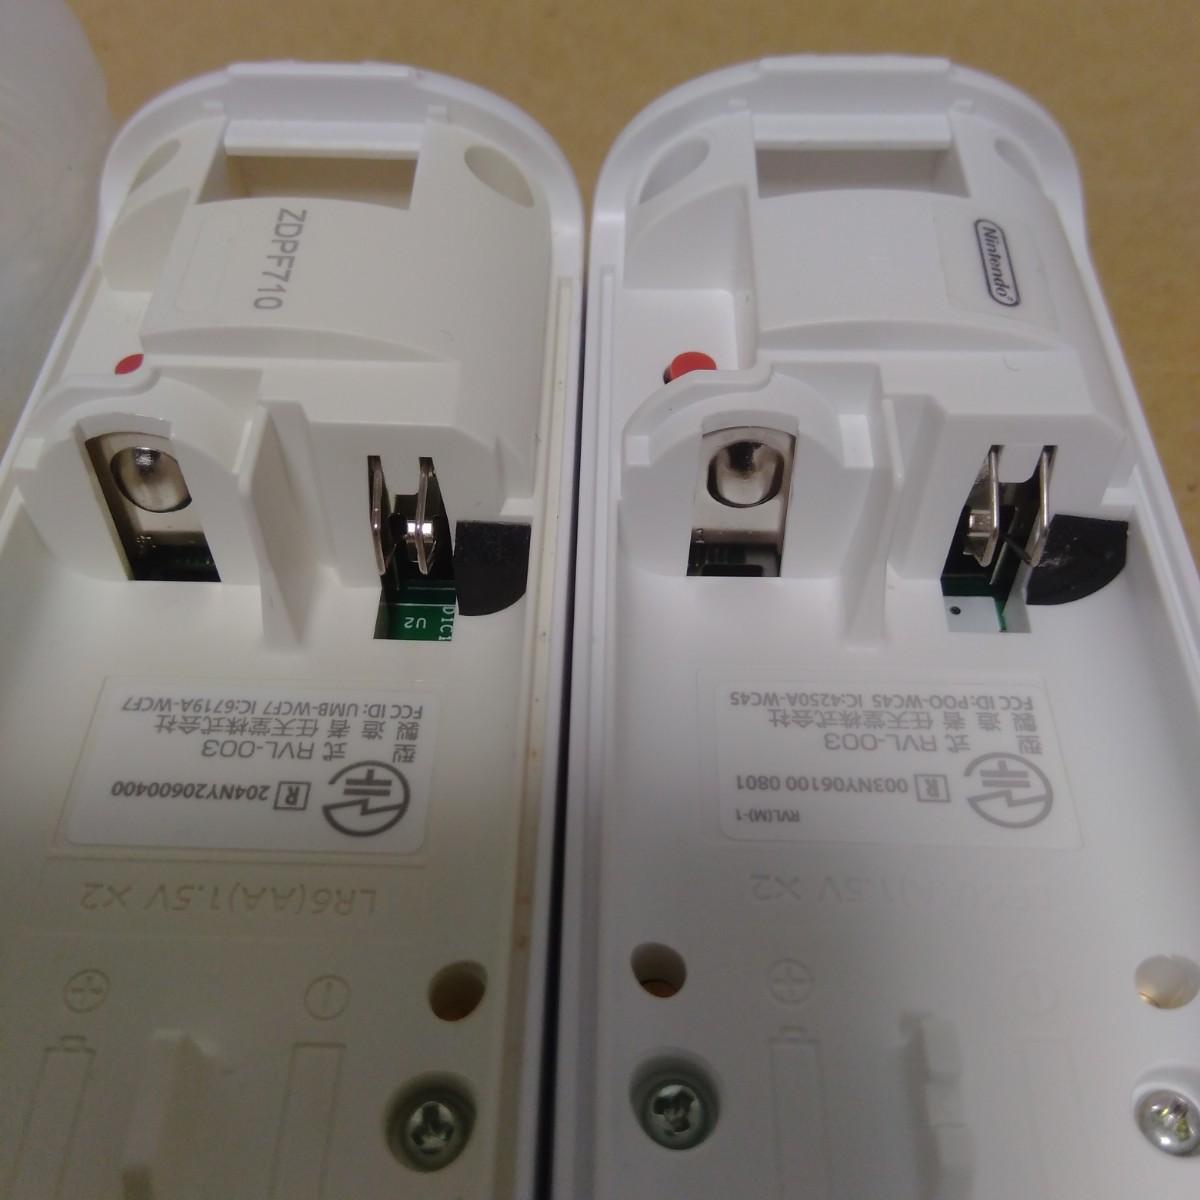 Wii リモコン 白 2本 ストラップ/ジャケット付き